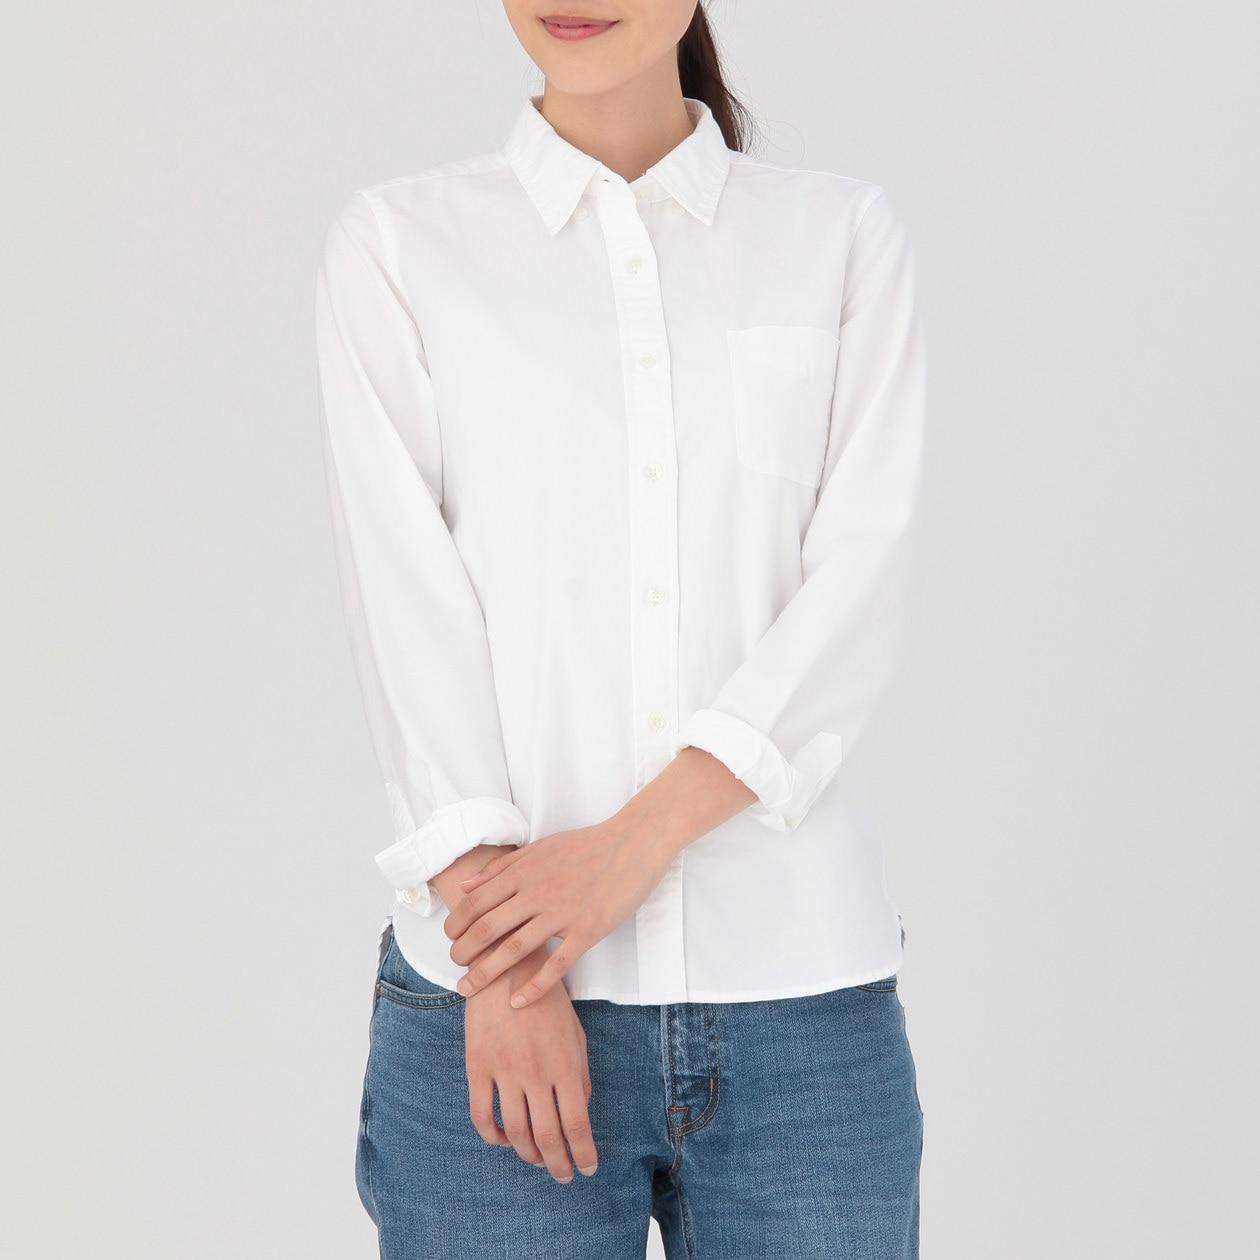 Ogc Washed Oxford Button Down Shirt Lady S White Muji